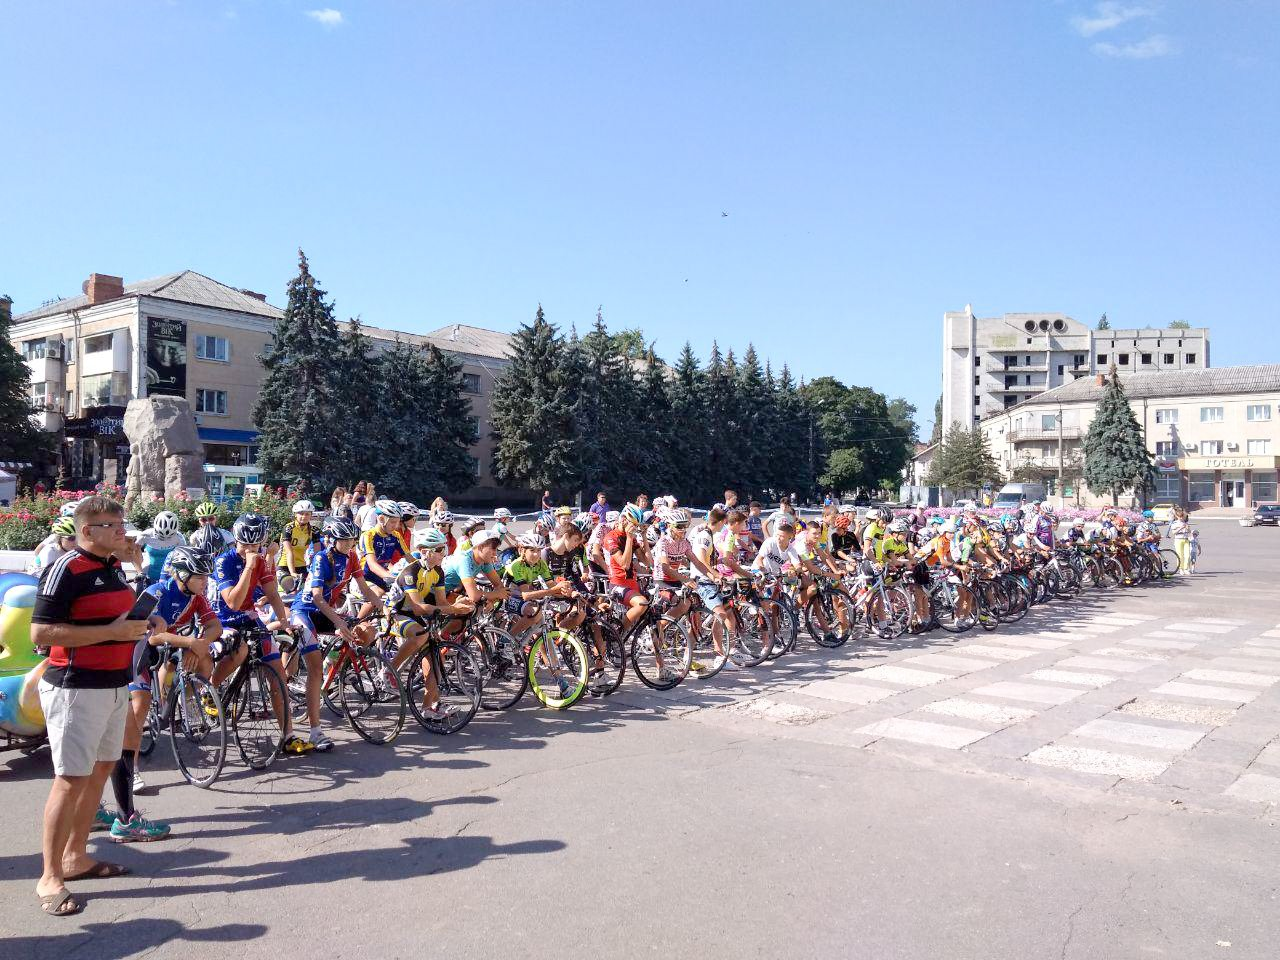 Хмельничани привезли нагороди з чемпіонату України з велосипедного спорту, фото-5